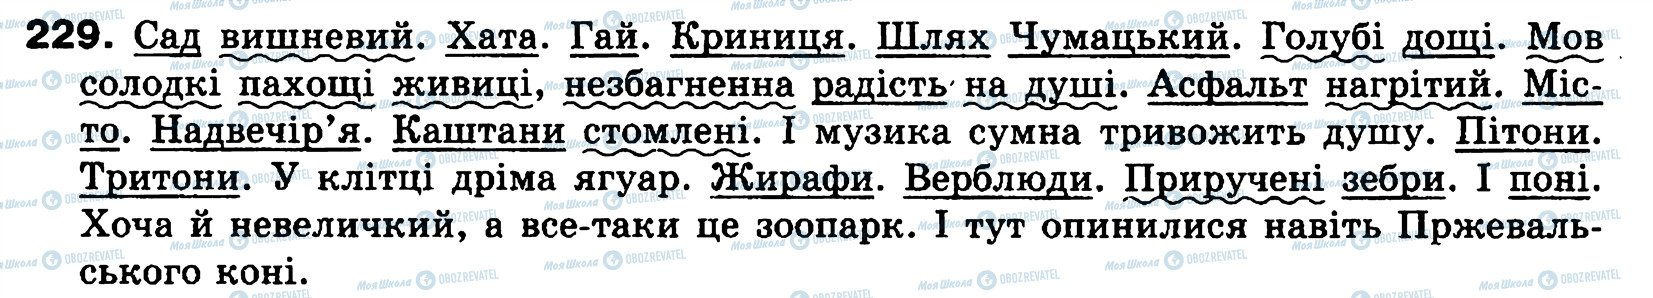 ГДЗ Українська мова 8 клас сторінка 229